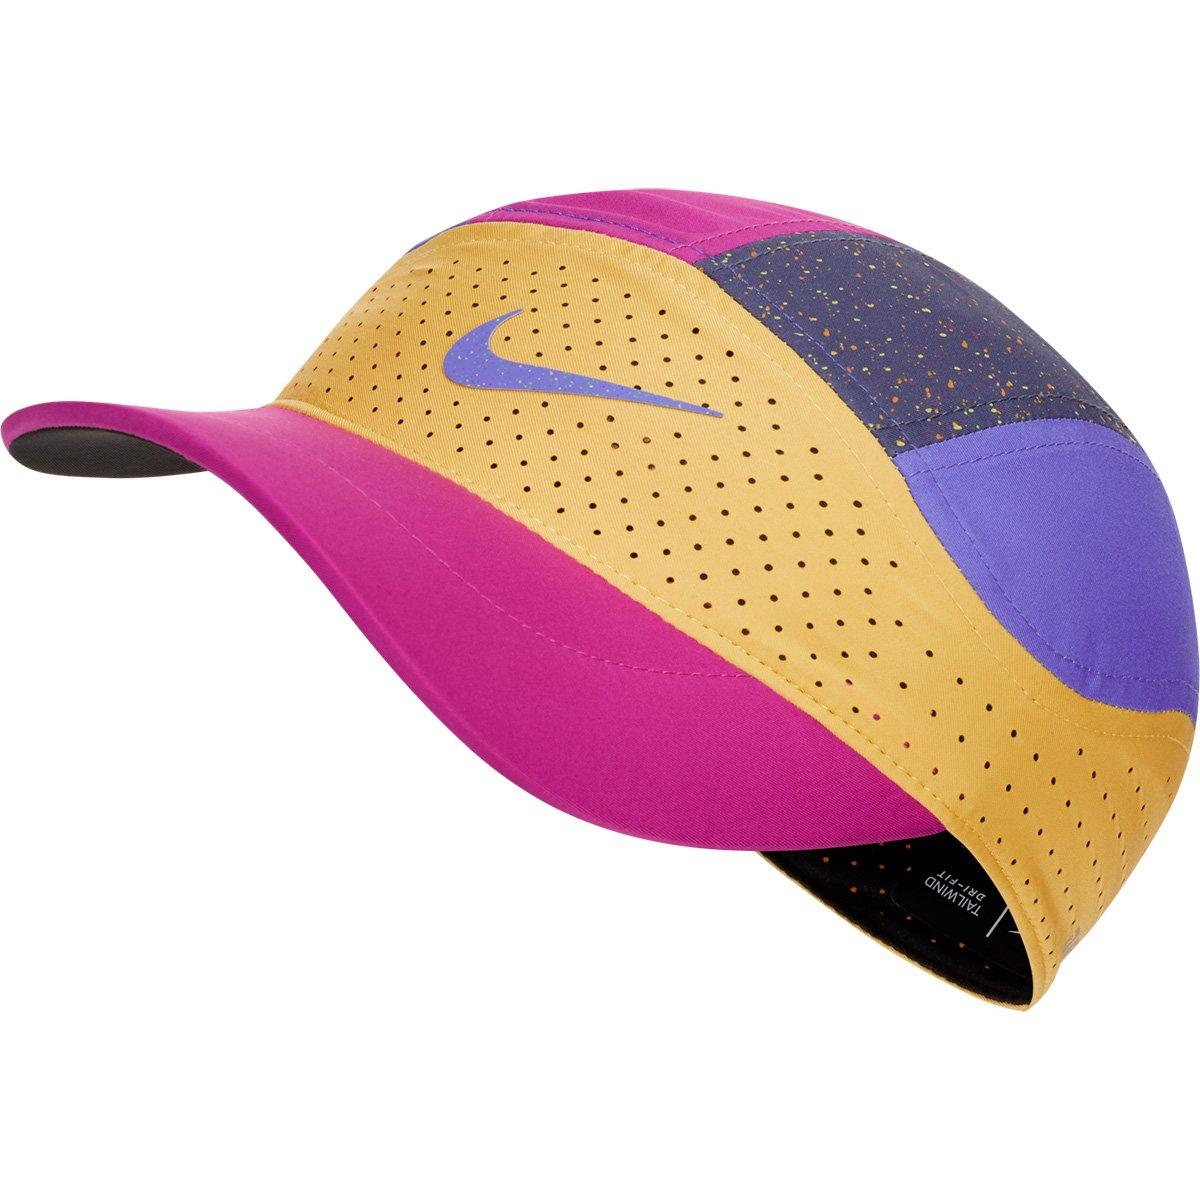 Imagem - Boné Nike Dri-fit Aerobill Tailwind